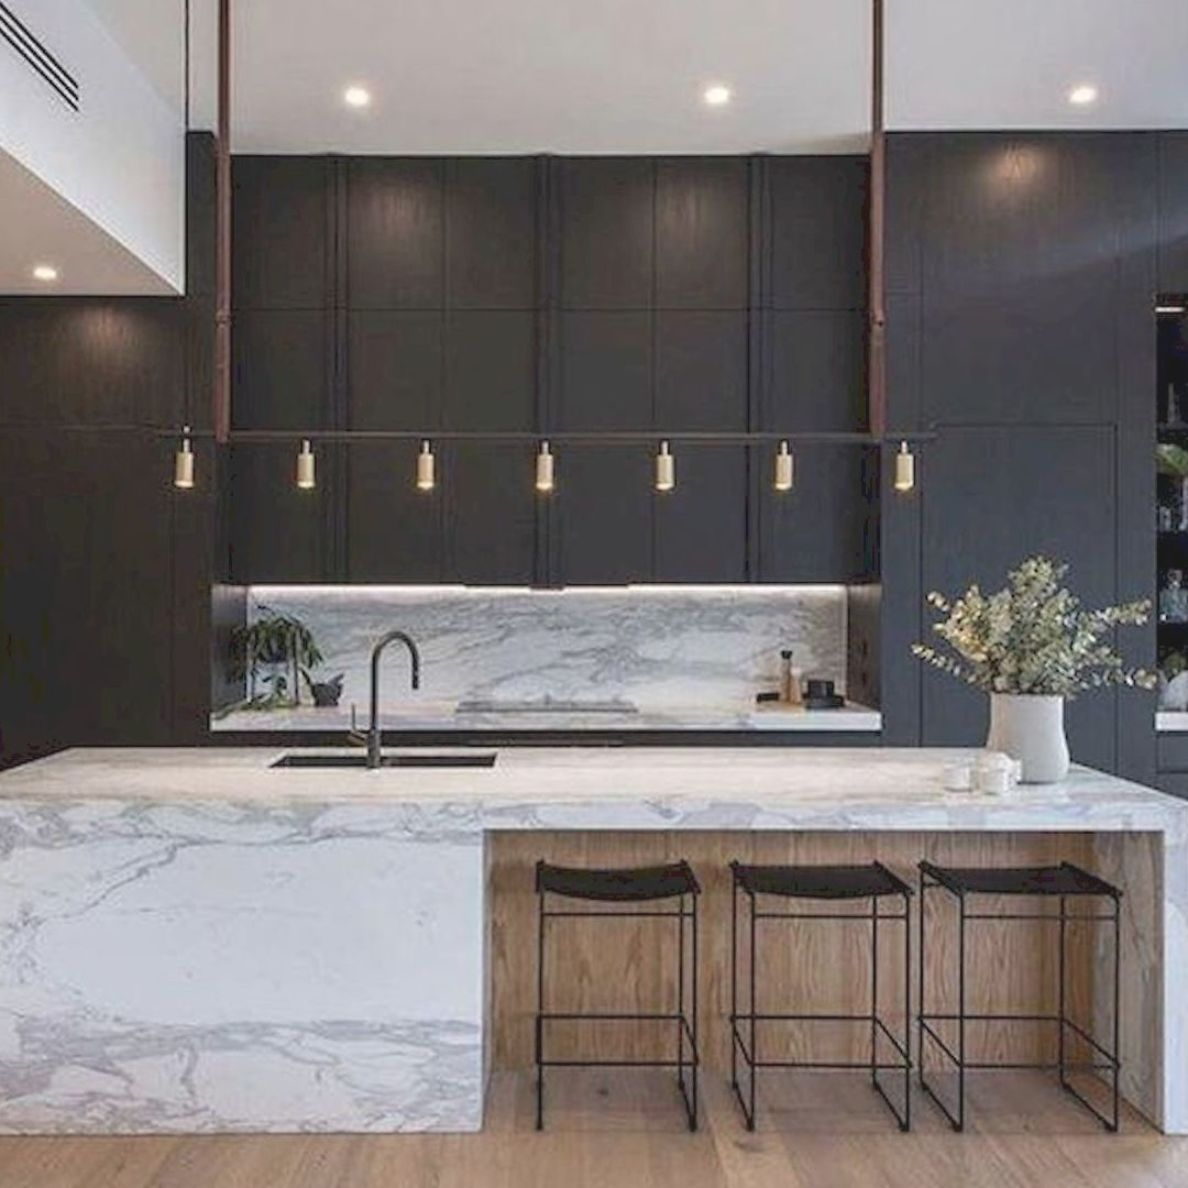 Stunning 41 Modern Kitchen Island Designs Ideas That Will Impress You Minimalist Kitchen Design Contemporary Kitchen Design Modern Kitchen Design